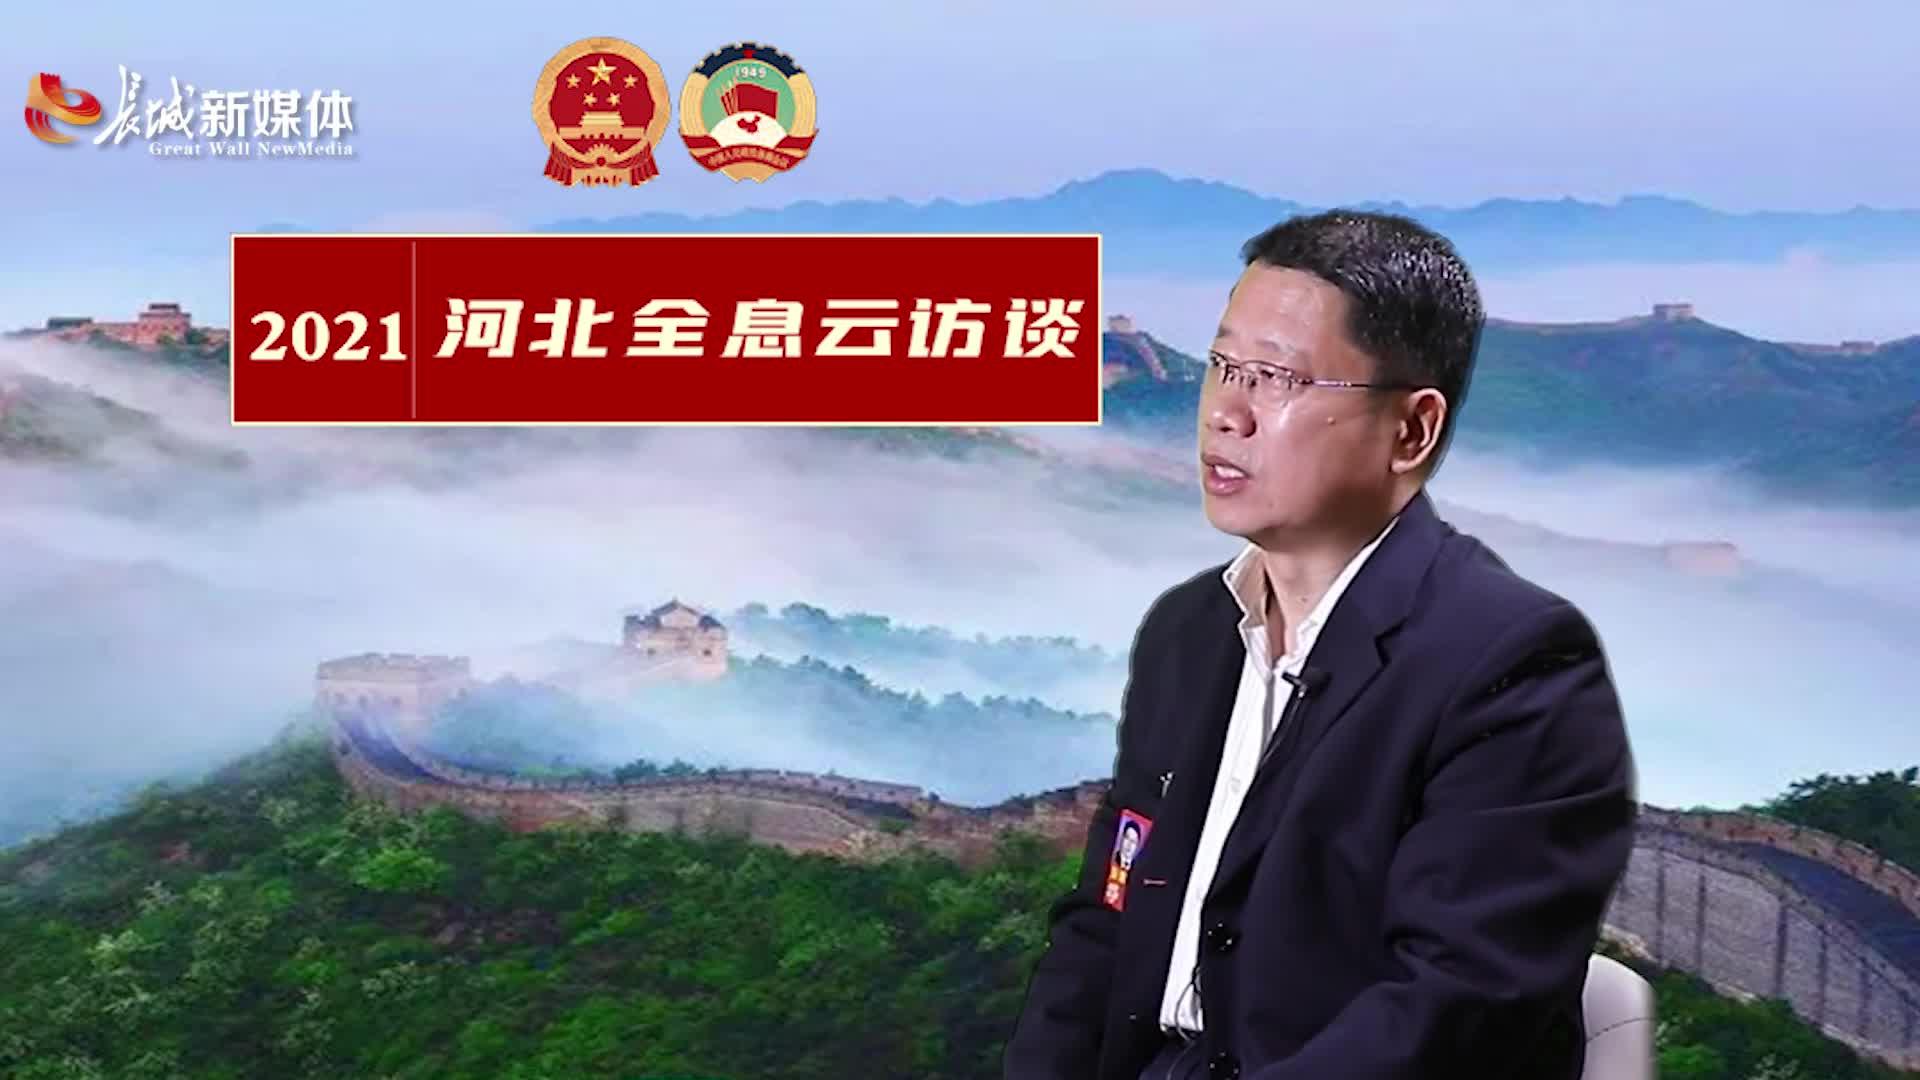 对话燕山大学党委书记赵险峰:深度挖掘企业需求,加速科研成果转化